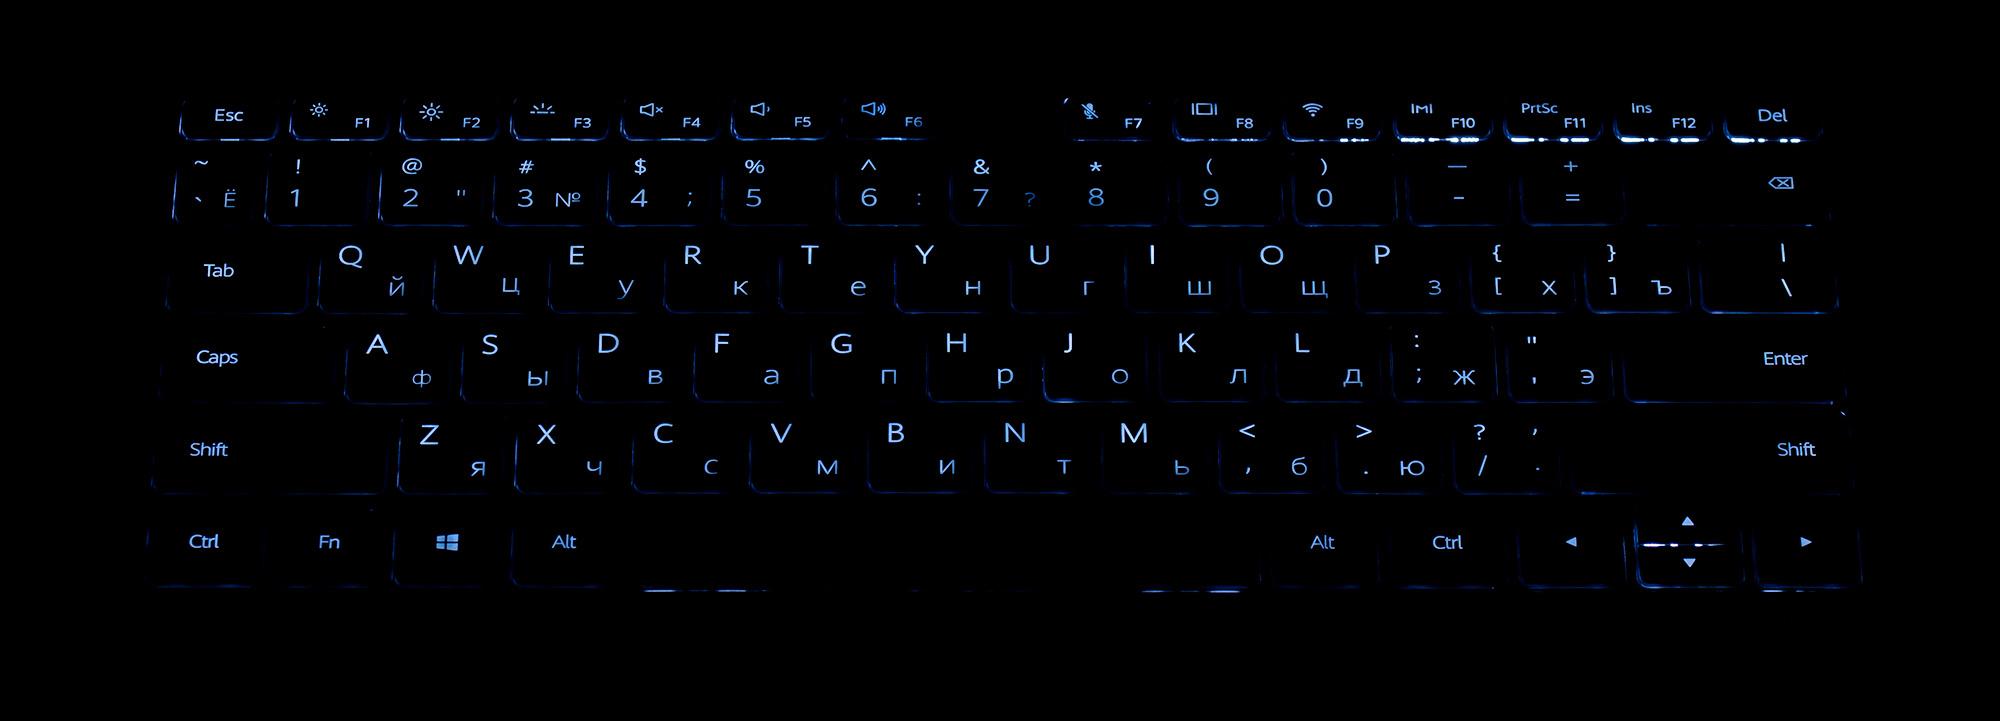 HONOR MagicBook Pro клавиатура с подсветкой